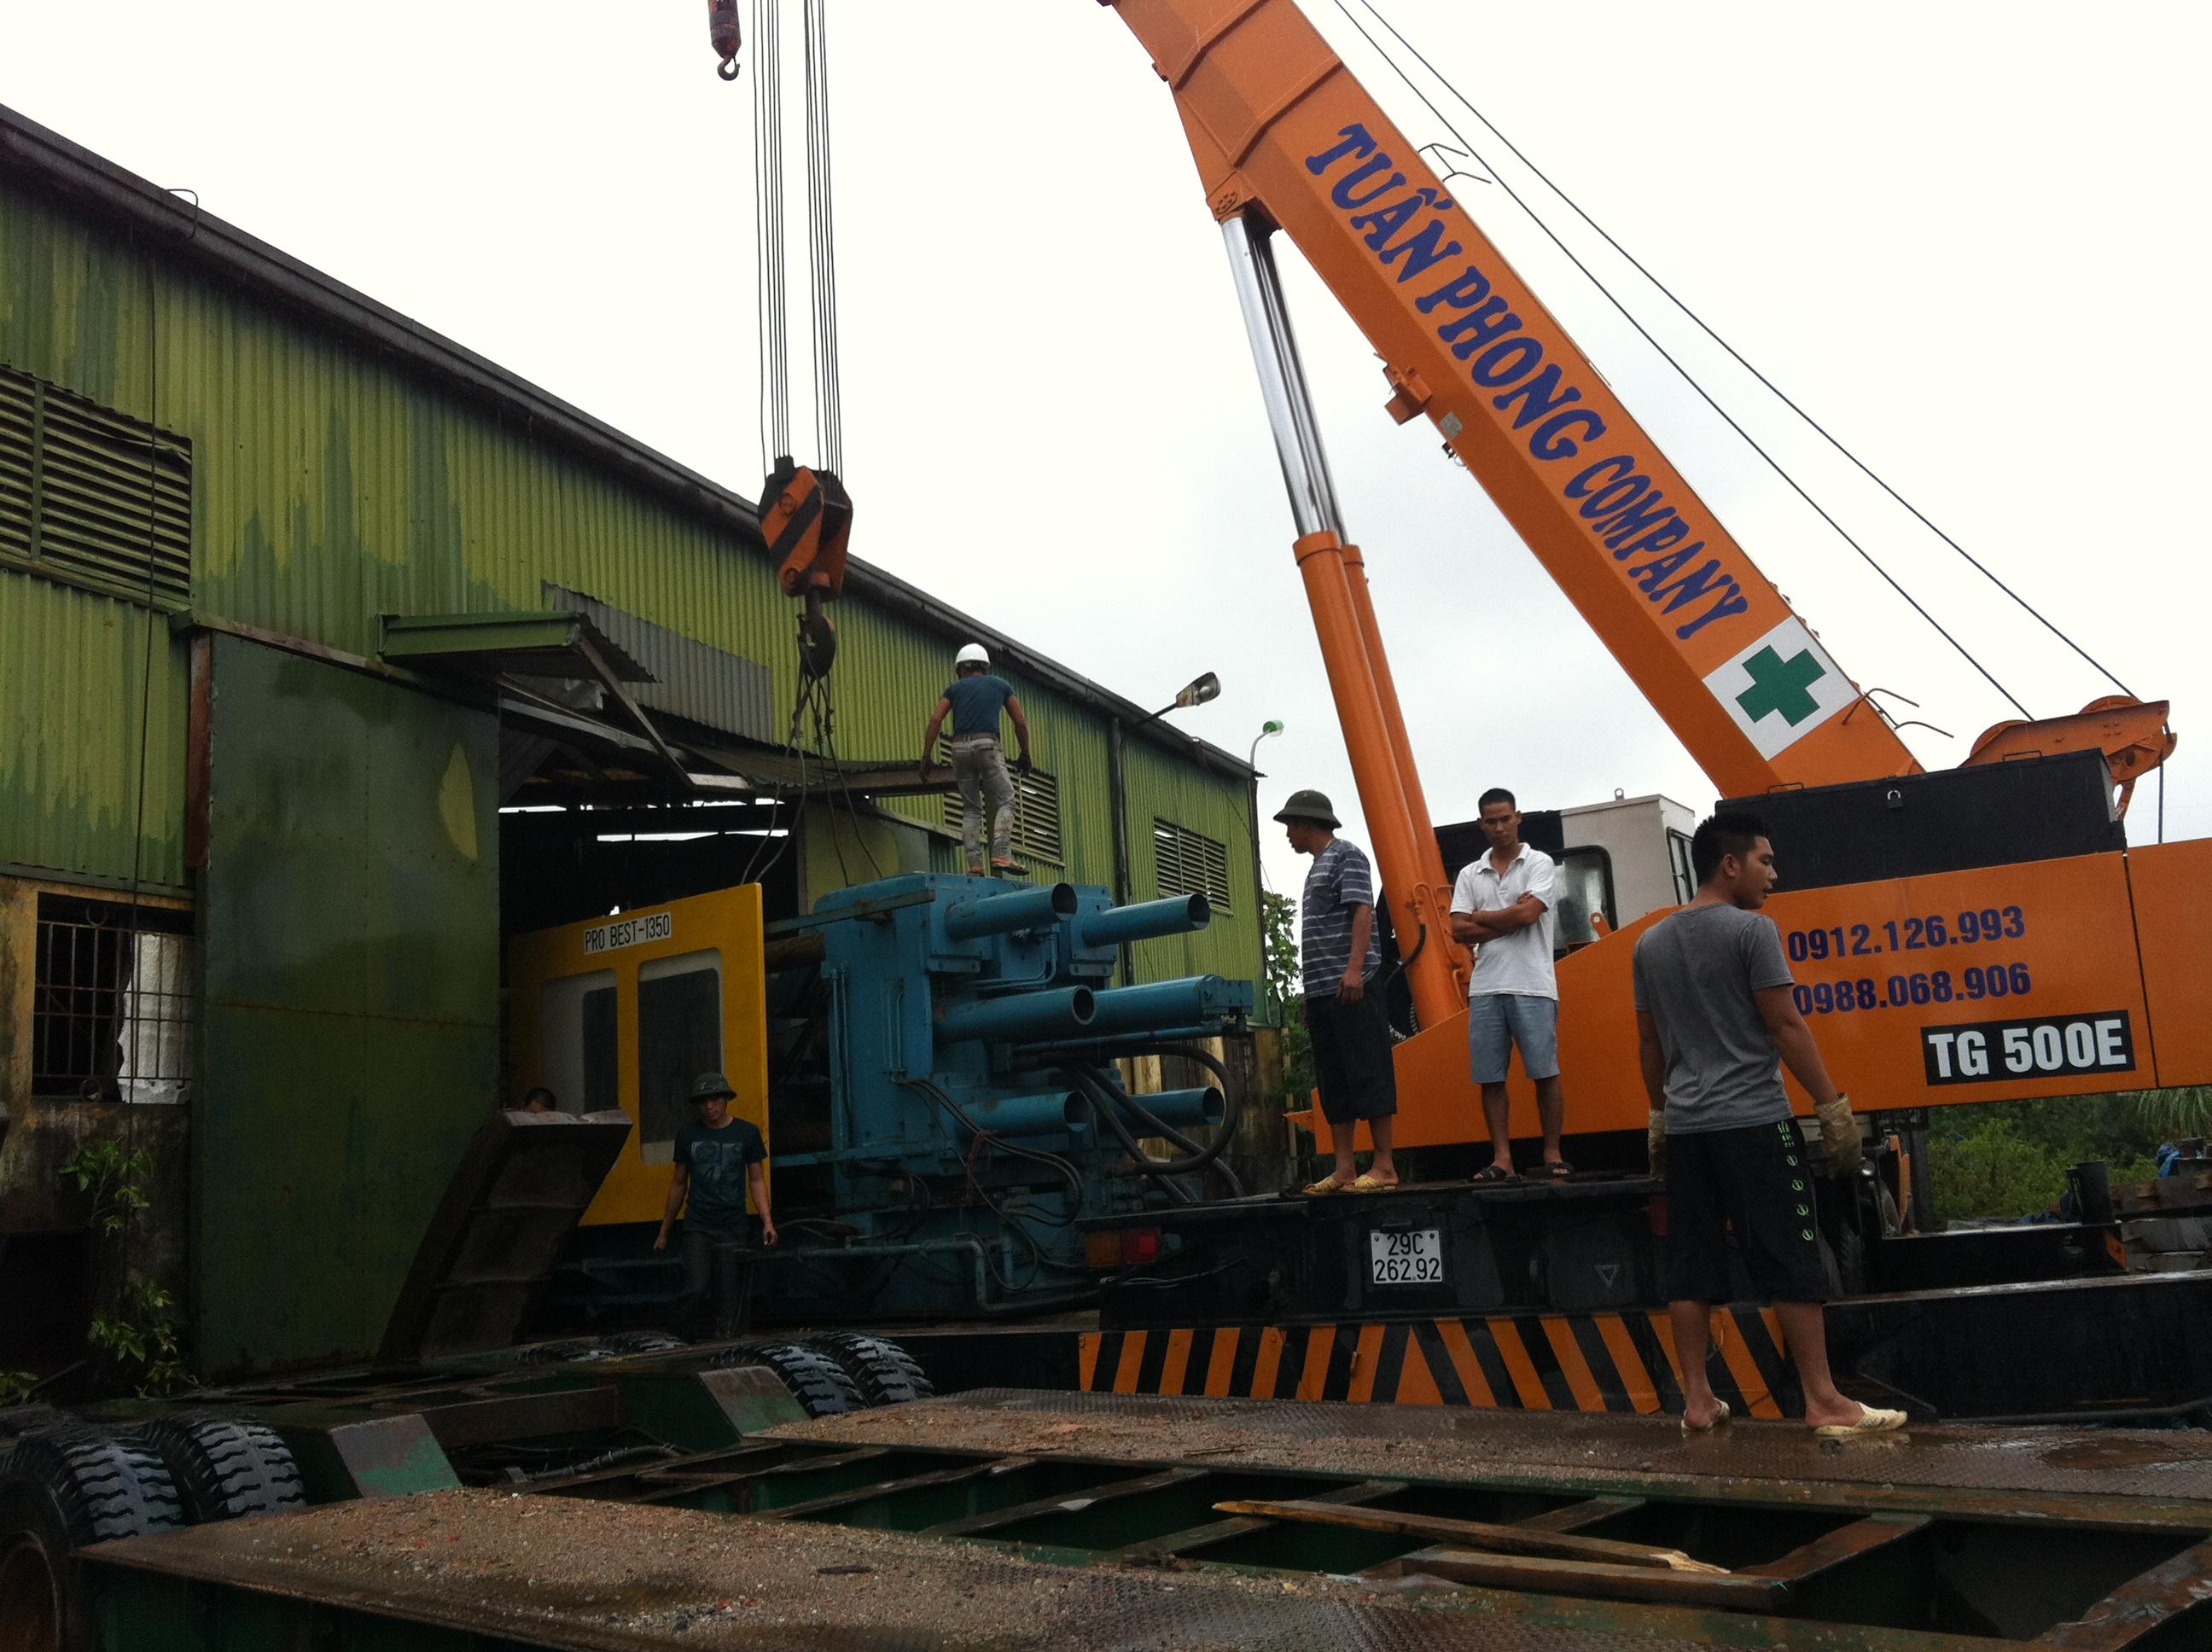 Cho thuê các loại xe Cẩu KaTo 25 tấn, Cẩu KaTo 40 tấn 0912 126 993 Cẩu KaTo 50 tấn